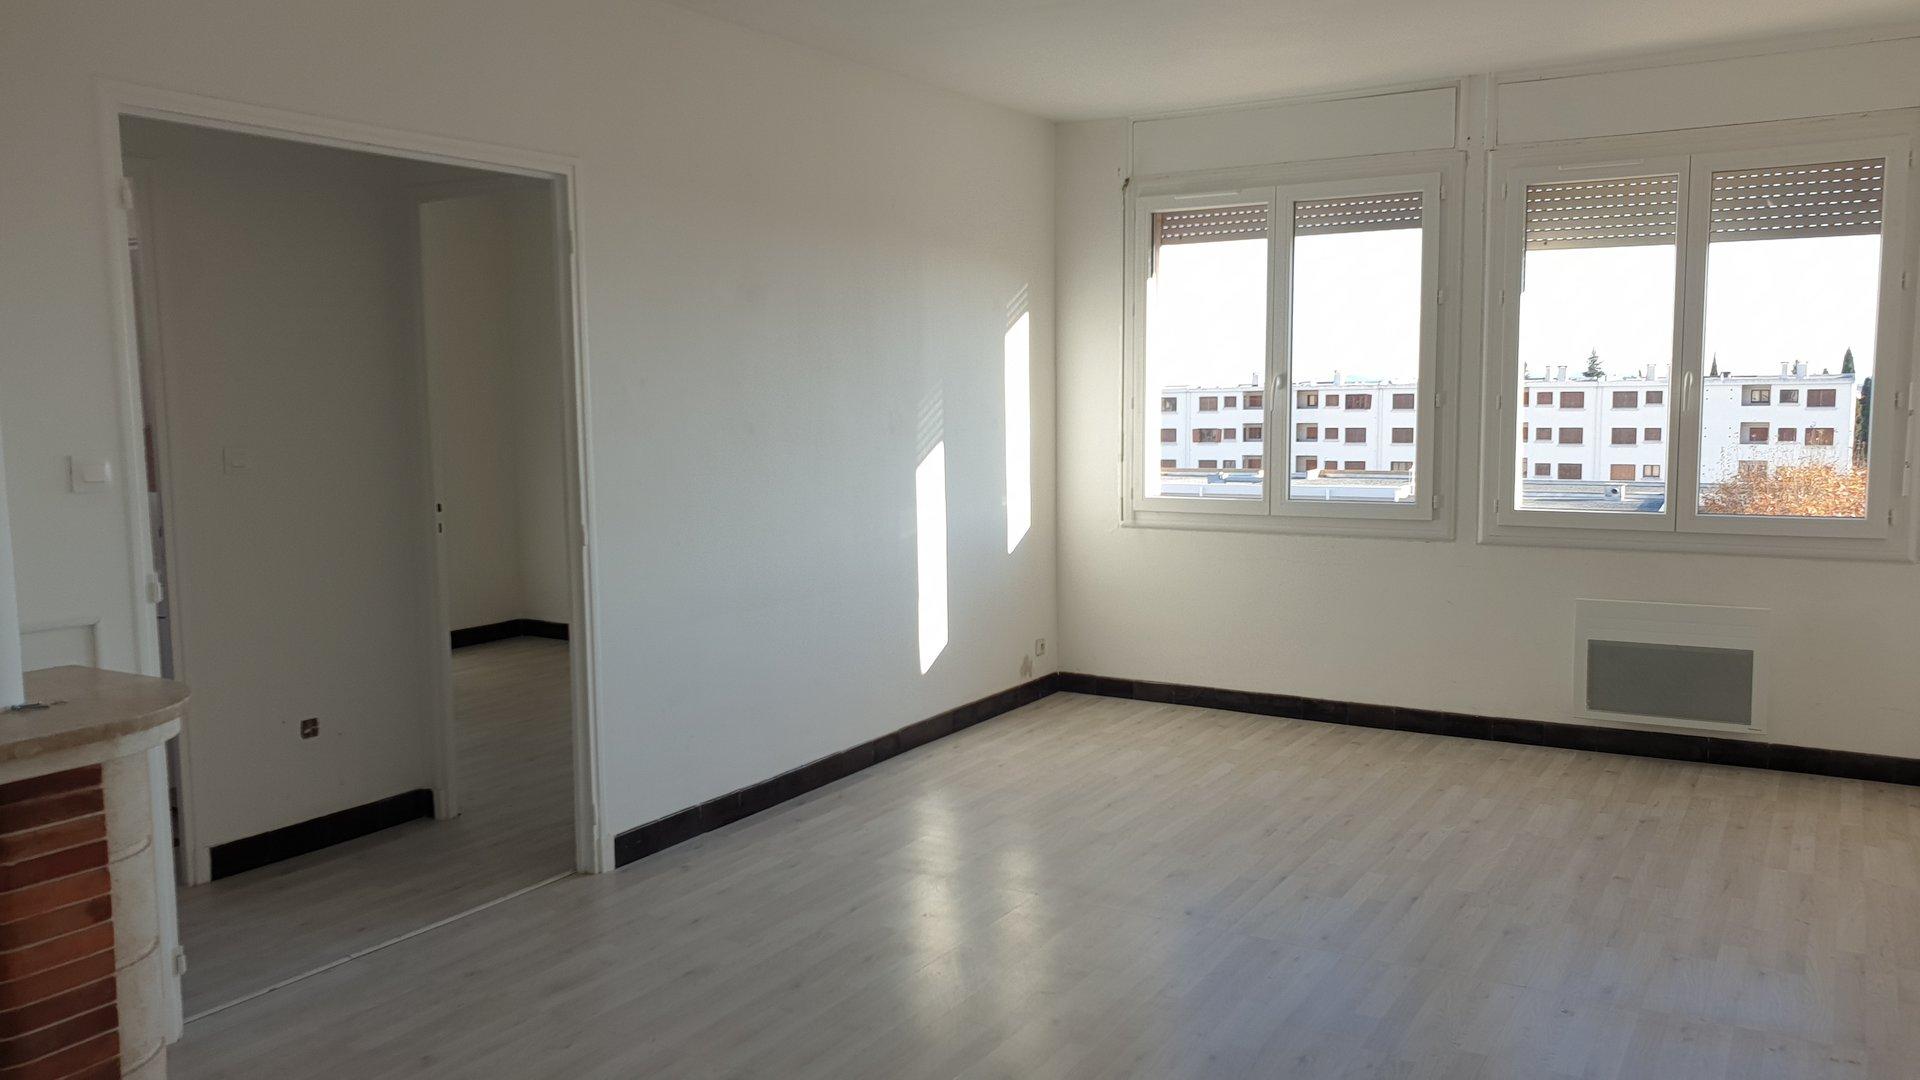 T2 - Centre ville - 46 m²